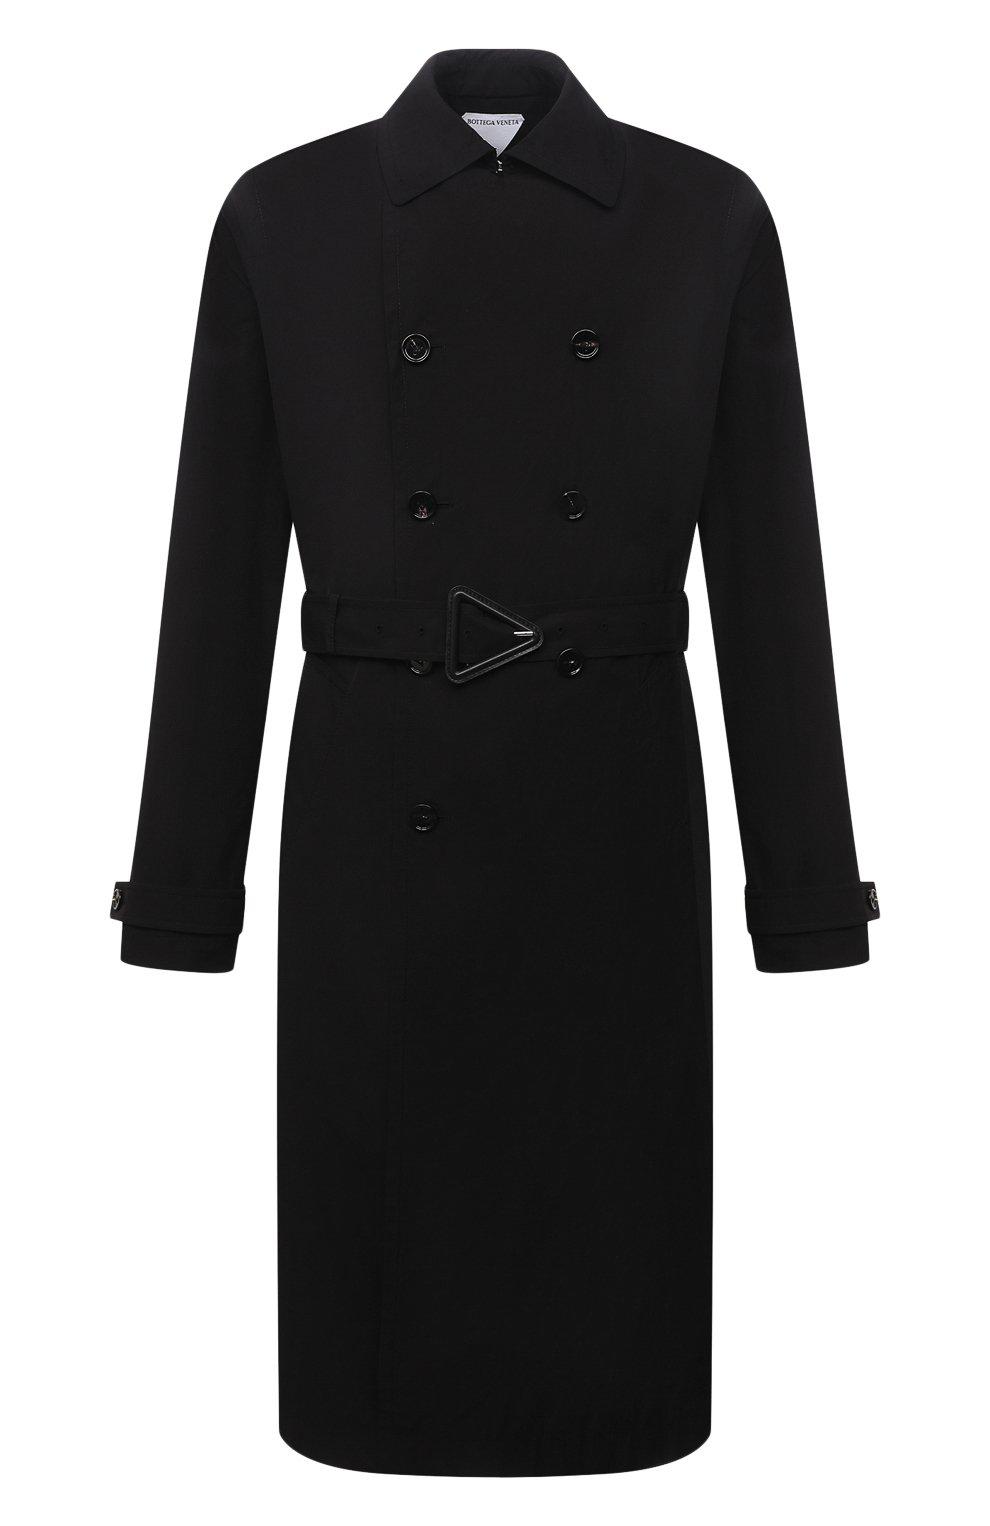 Мужской тренч BOTTEGA VENETA черного цвета, арт. 660143/V0Y20 | Фото 1 (Мужское Кросс-КТ: Тренчкот-верхняя одежда; Рукава: Длинные; Материал внешний: Синтетический материал, Хлопок; Материал подклада: Синтетический материал; Длина (верхняя одежда): Длинные; Стили: Кэжуэл)